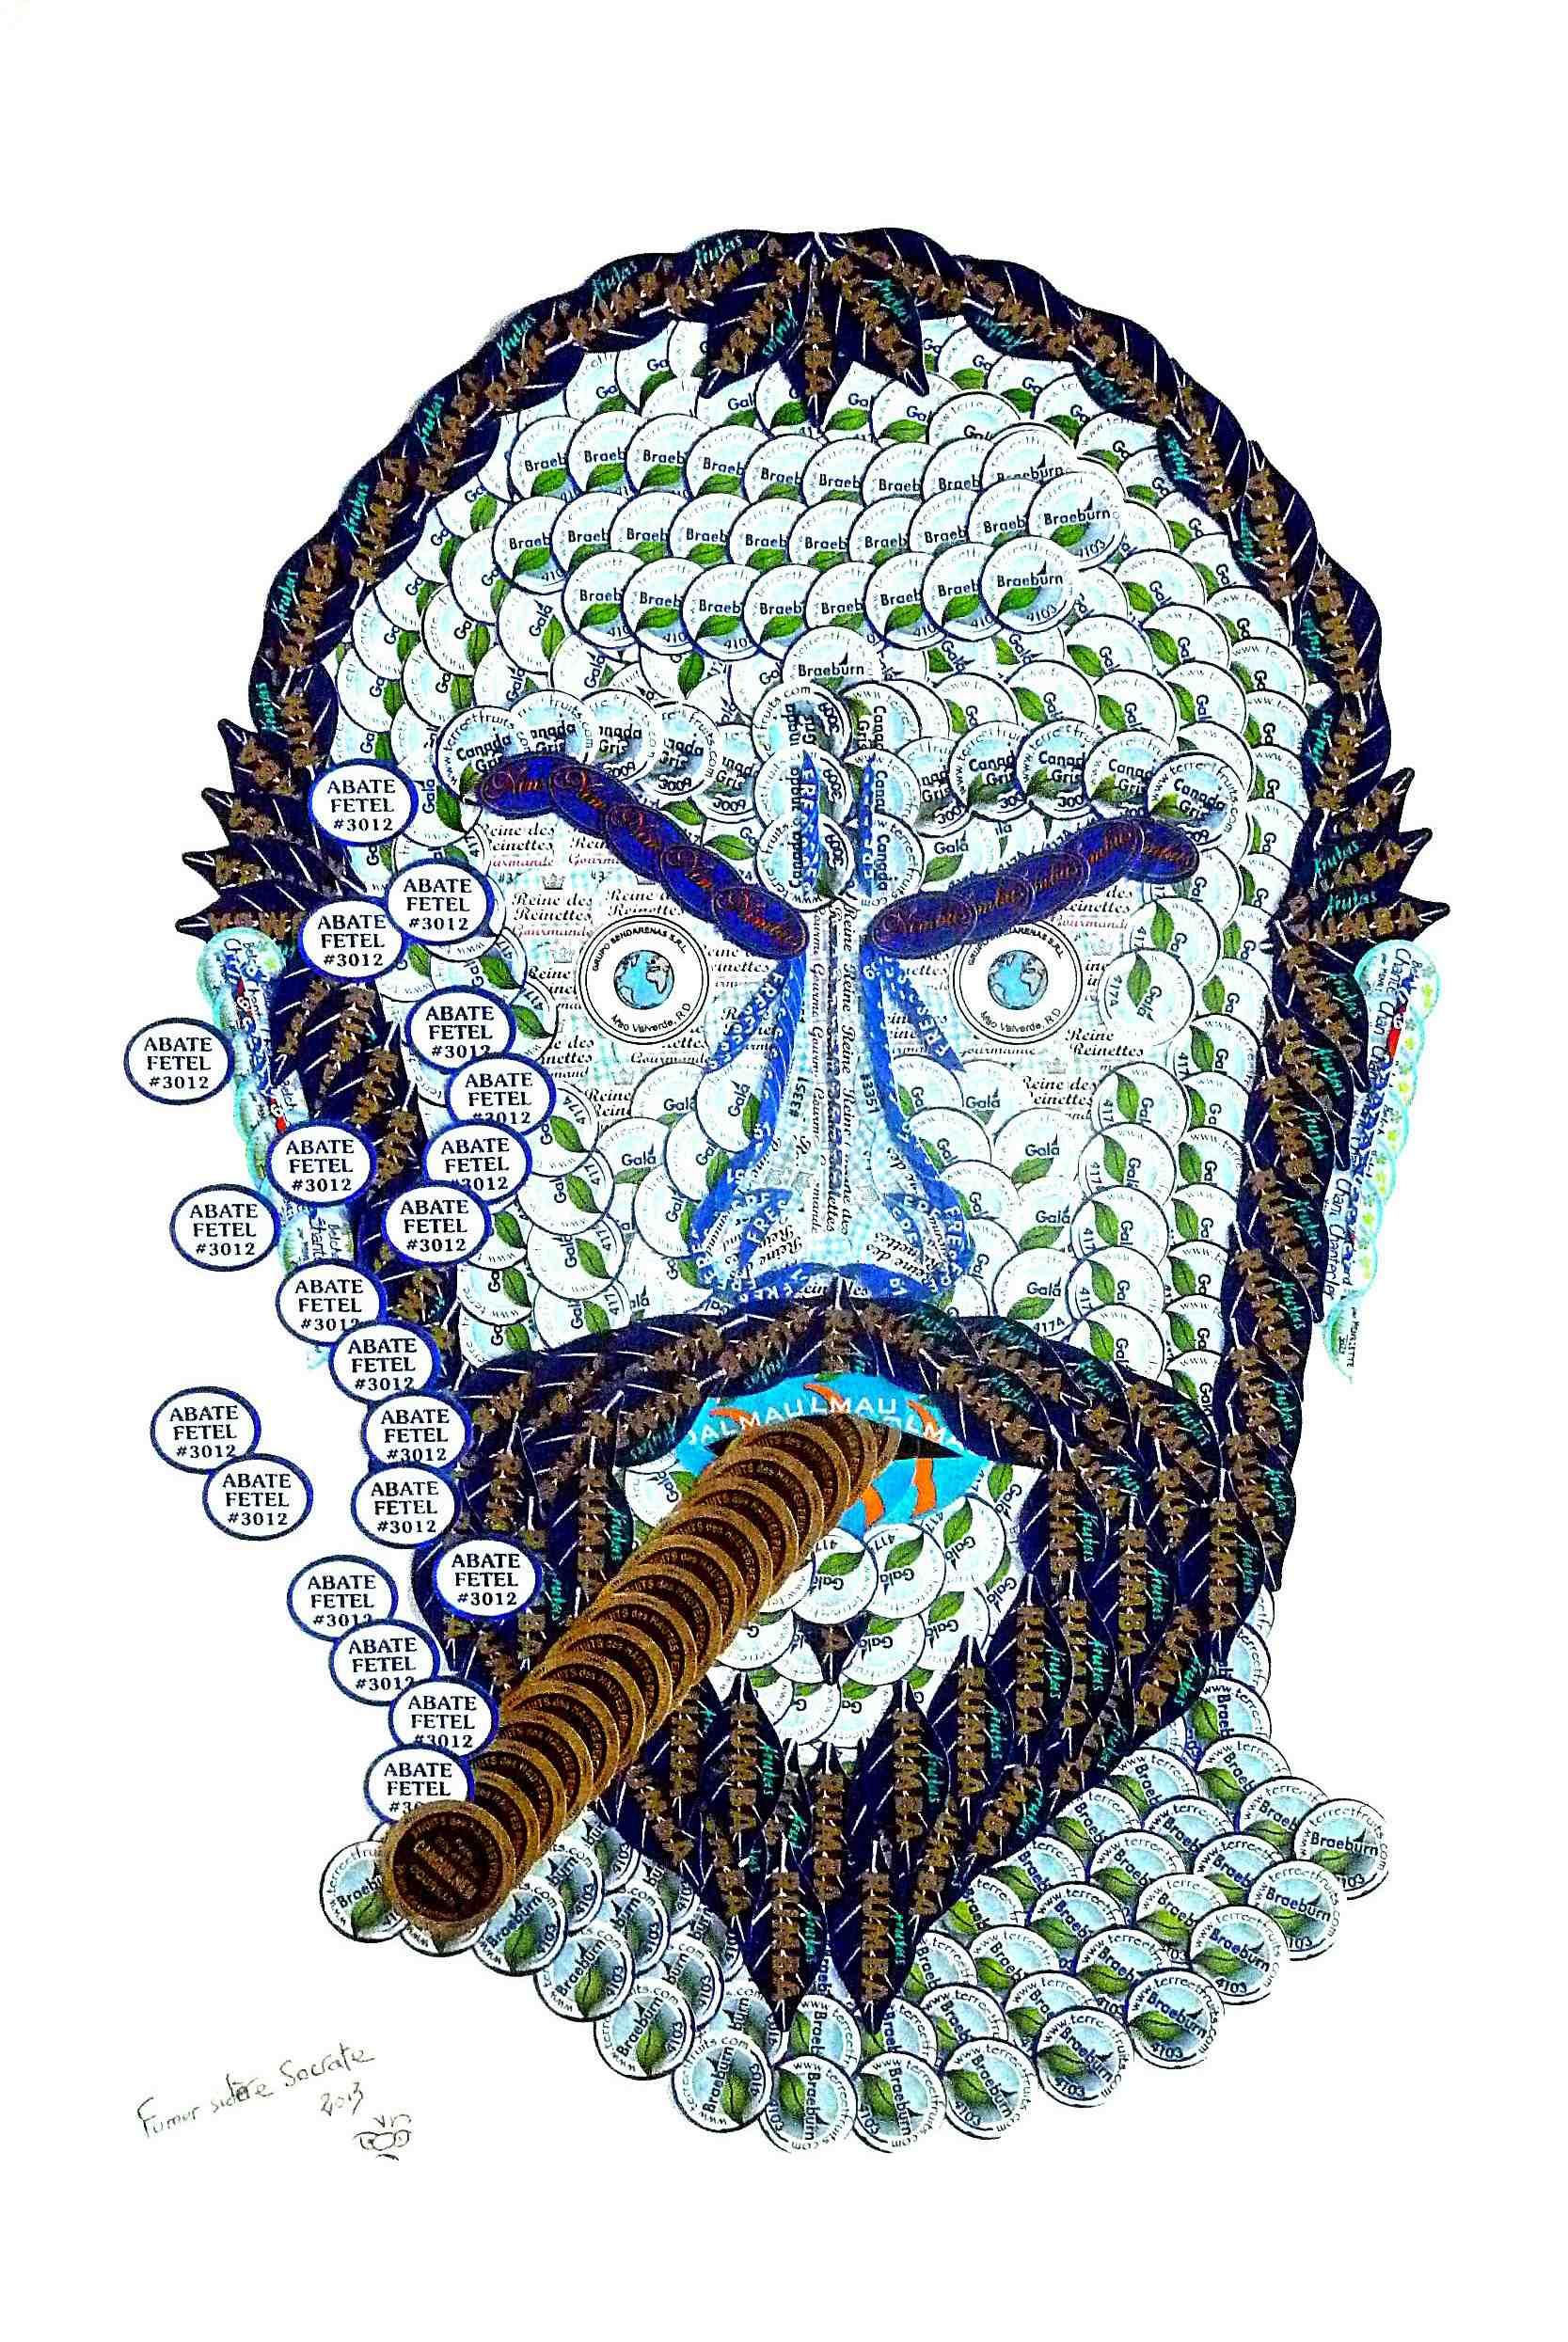 Fumer sidère Socrate